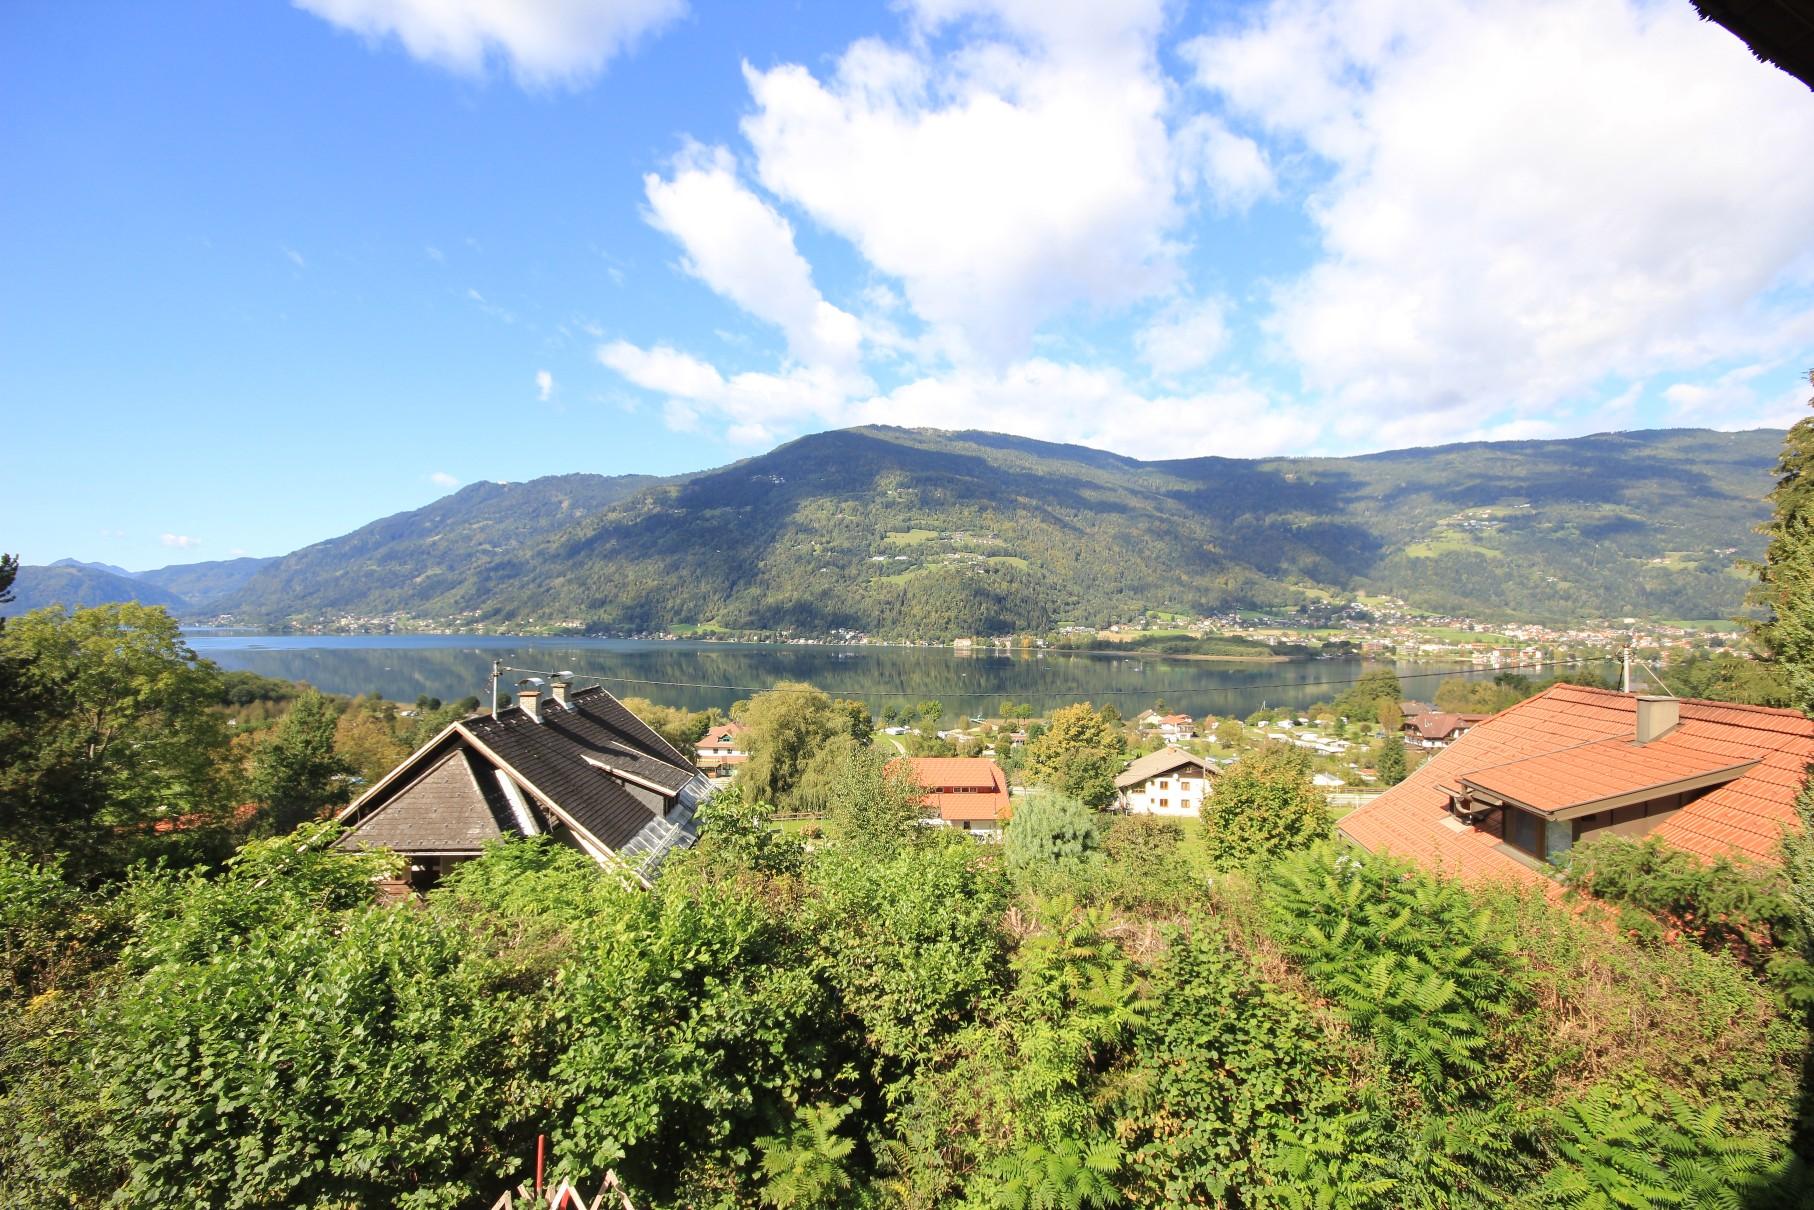 Liegenschaft mit 3 Wohneinheiten in traumhafter Seeblicklage am Ossiacher See